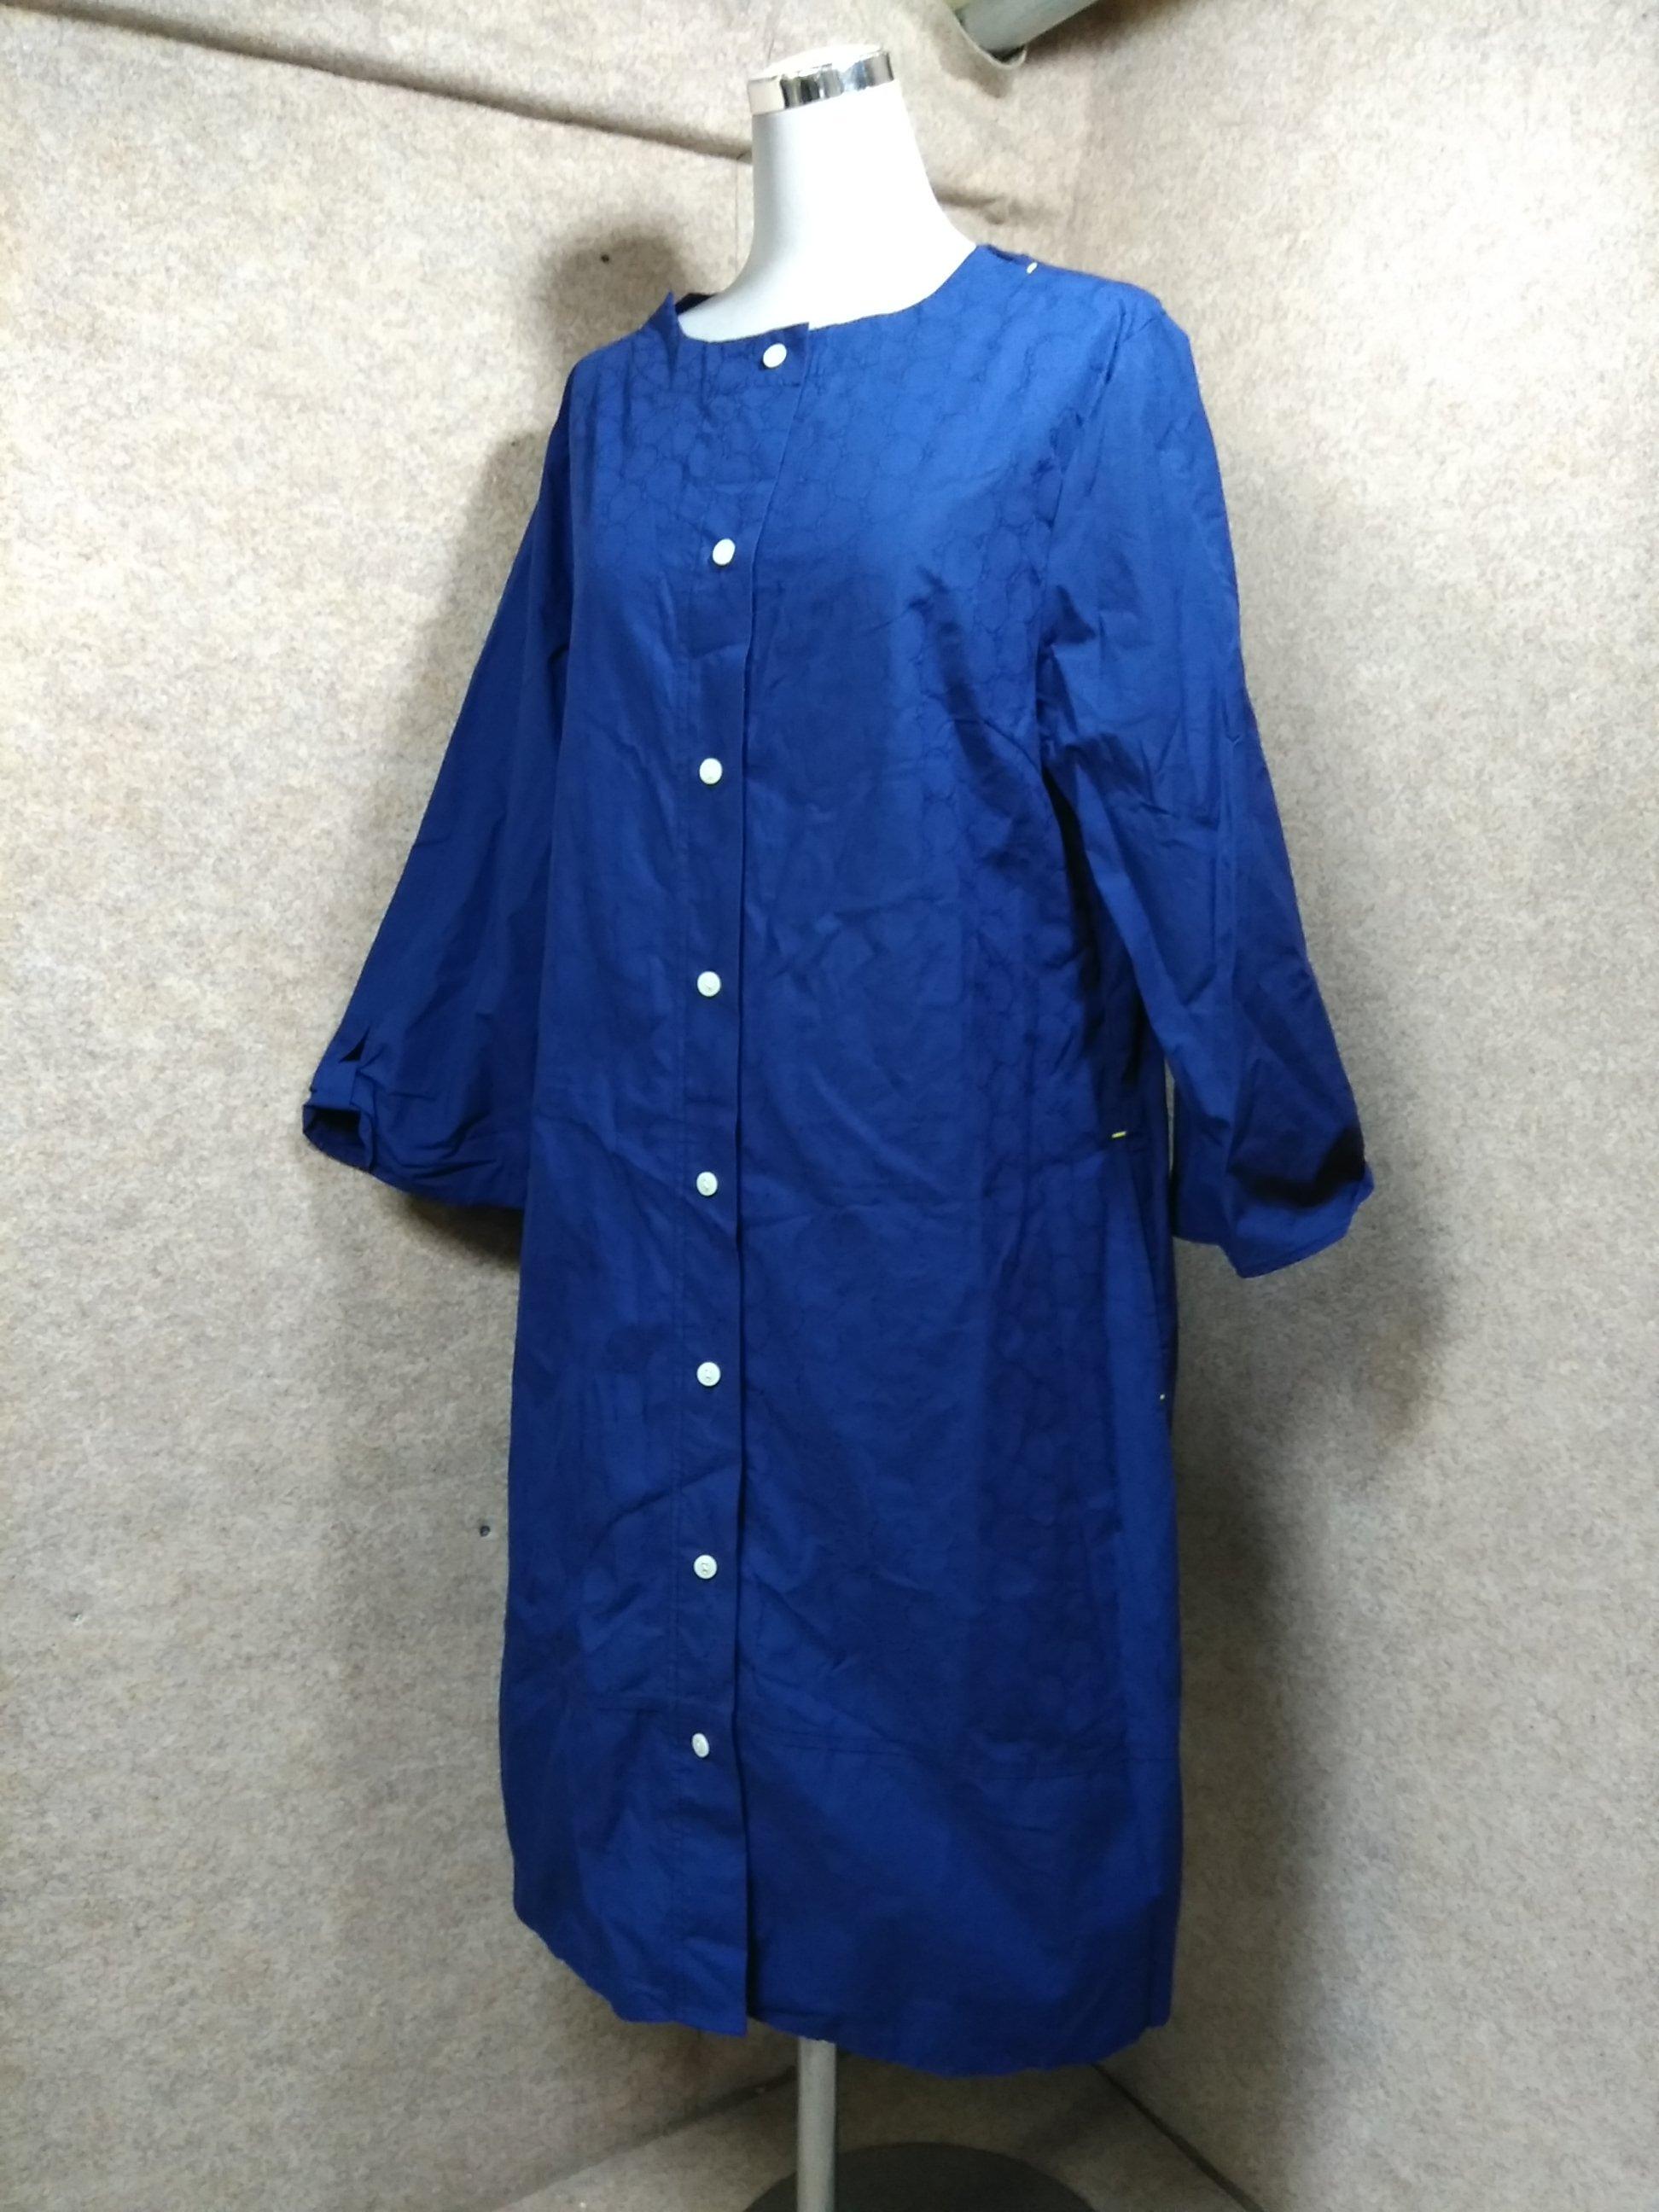 ゴールデンベア シャツワンピース L ネイビー 袖変わりデザイン y1290a